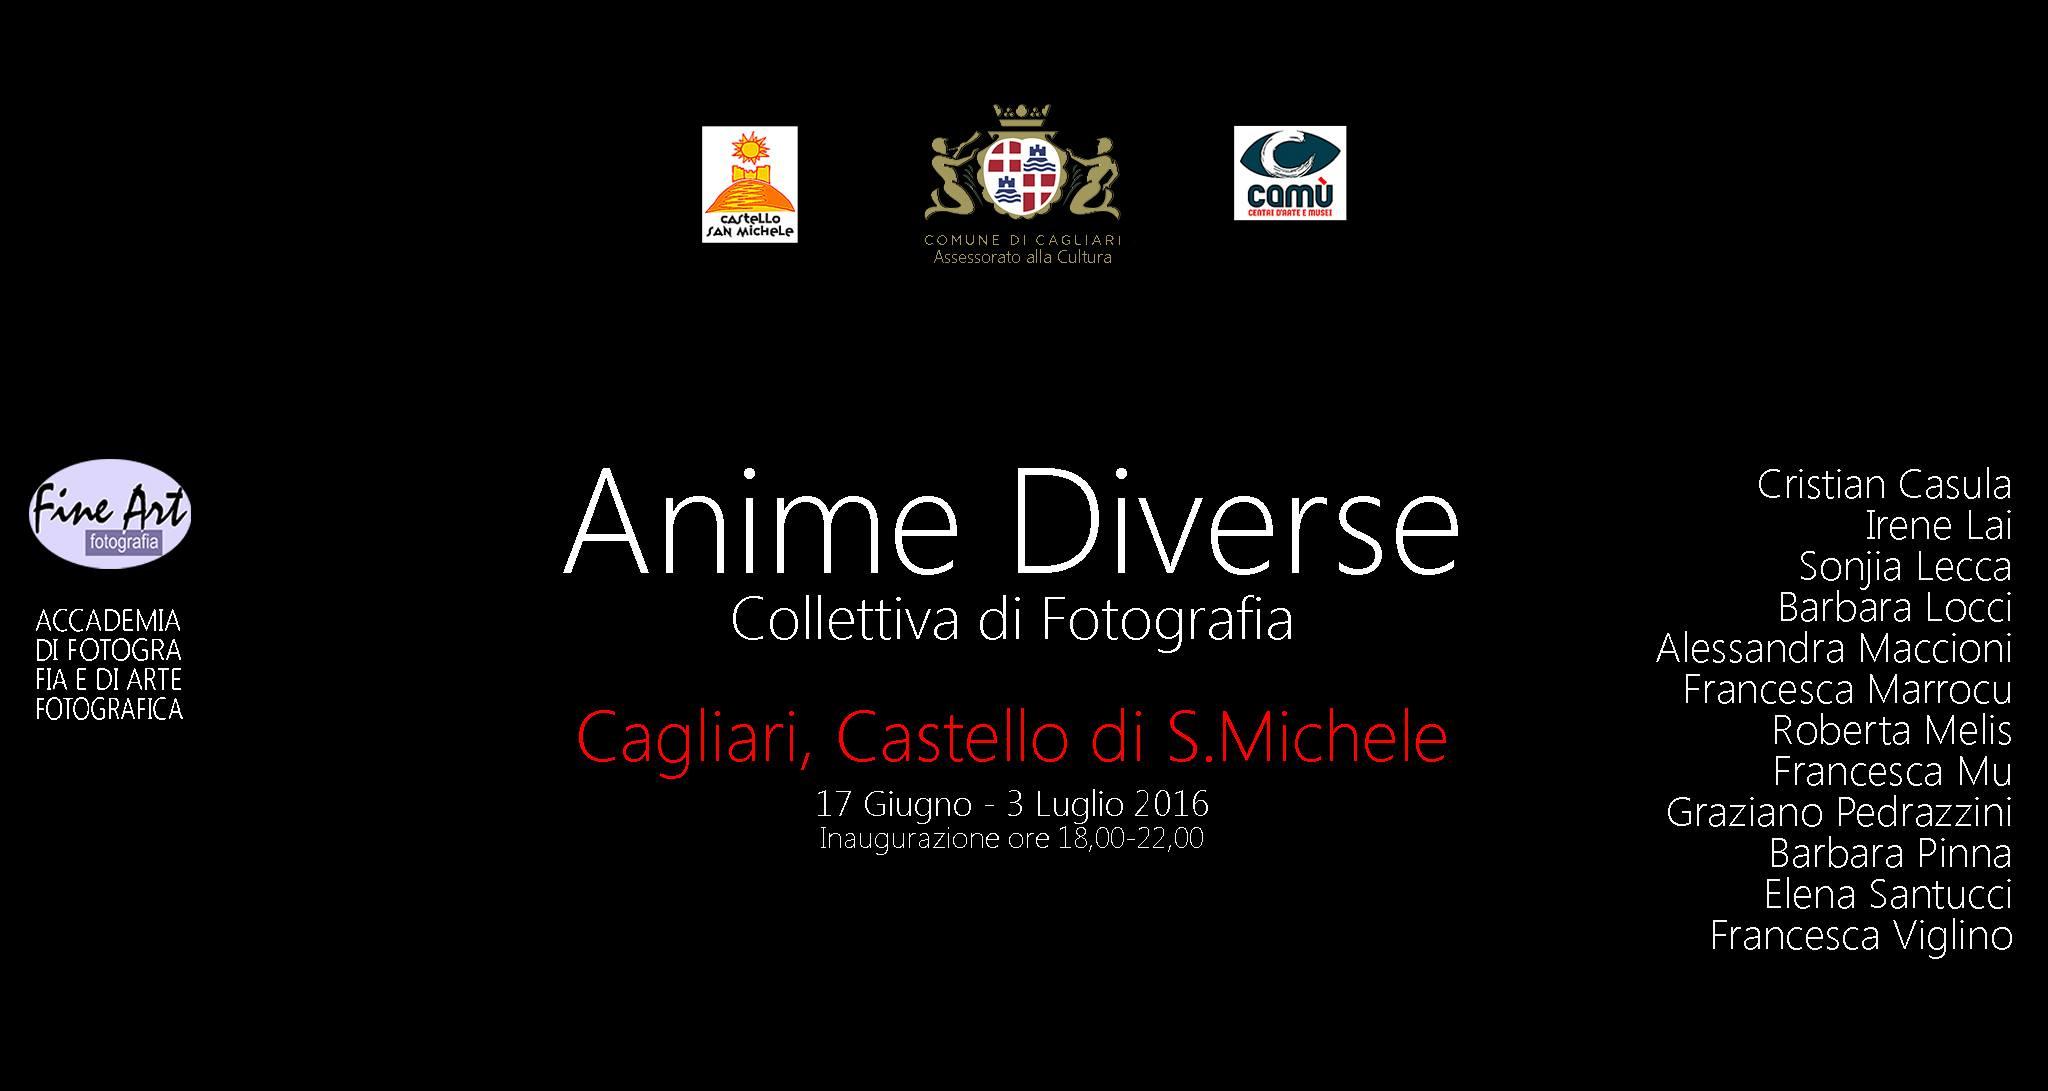 Anime Diverse Collettiva Fotografica giugno luglio 2016 locandina. ANIME DIVERSE Collettiva Fotografica - Scuola d'arte fotografica Fine Art - visitabile fino al 3 luglio 2016 Cagliari Castello San Michele.